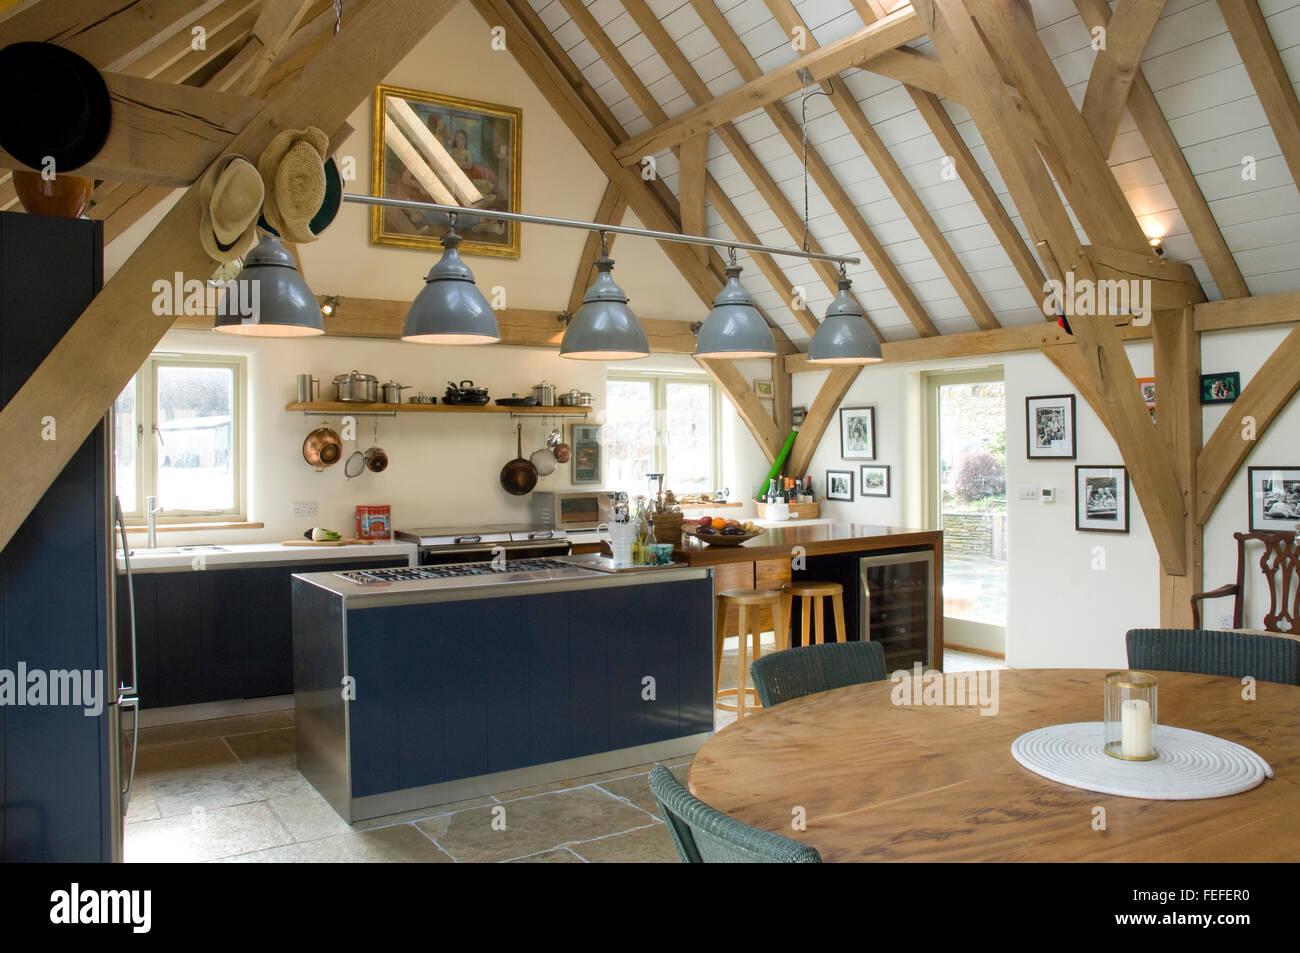 Plafoniere Per Travi In Legno : Plafoniere per travi legno illuminazione soffitto con in